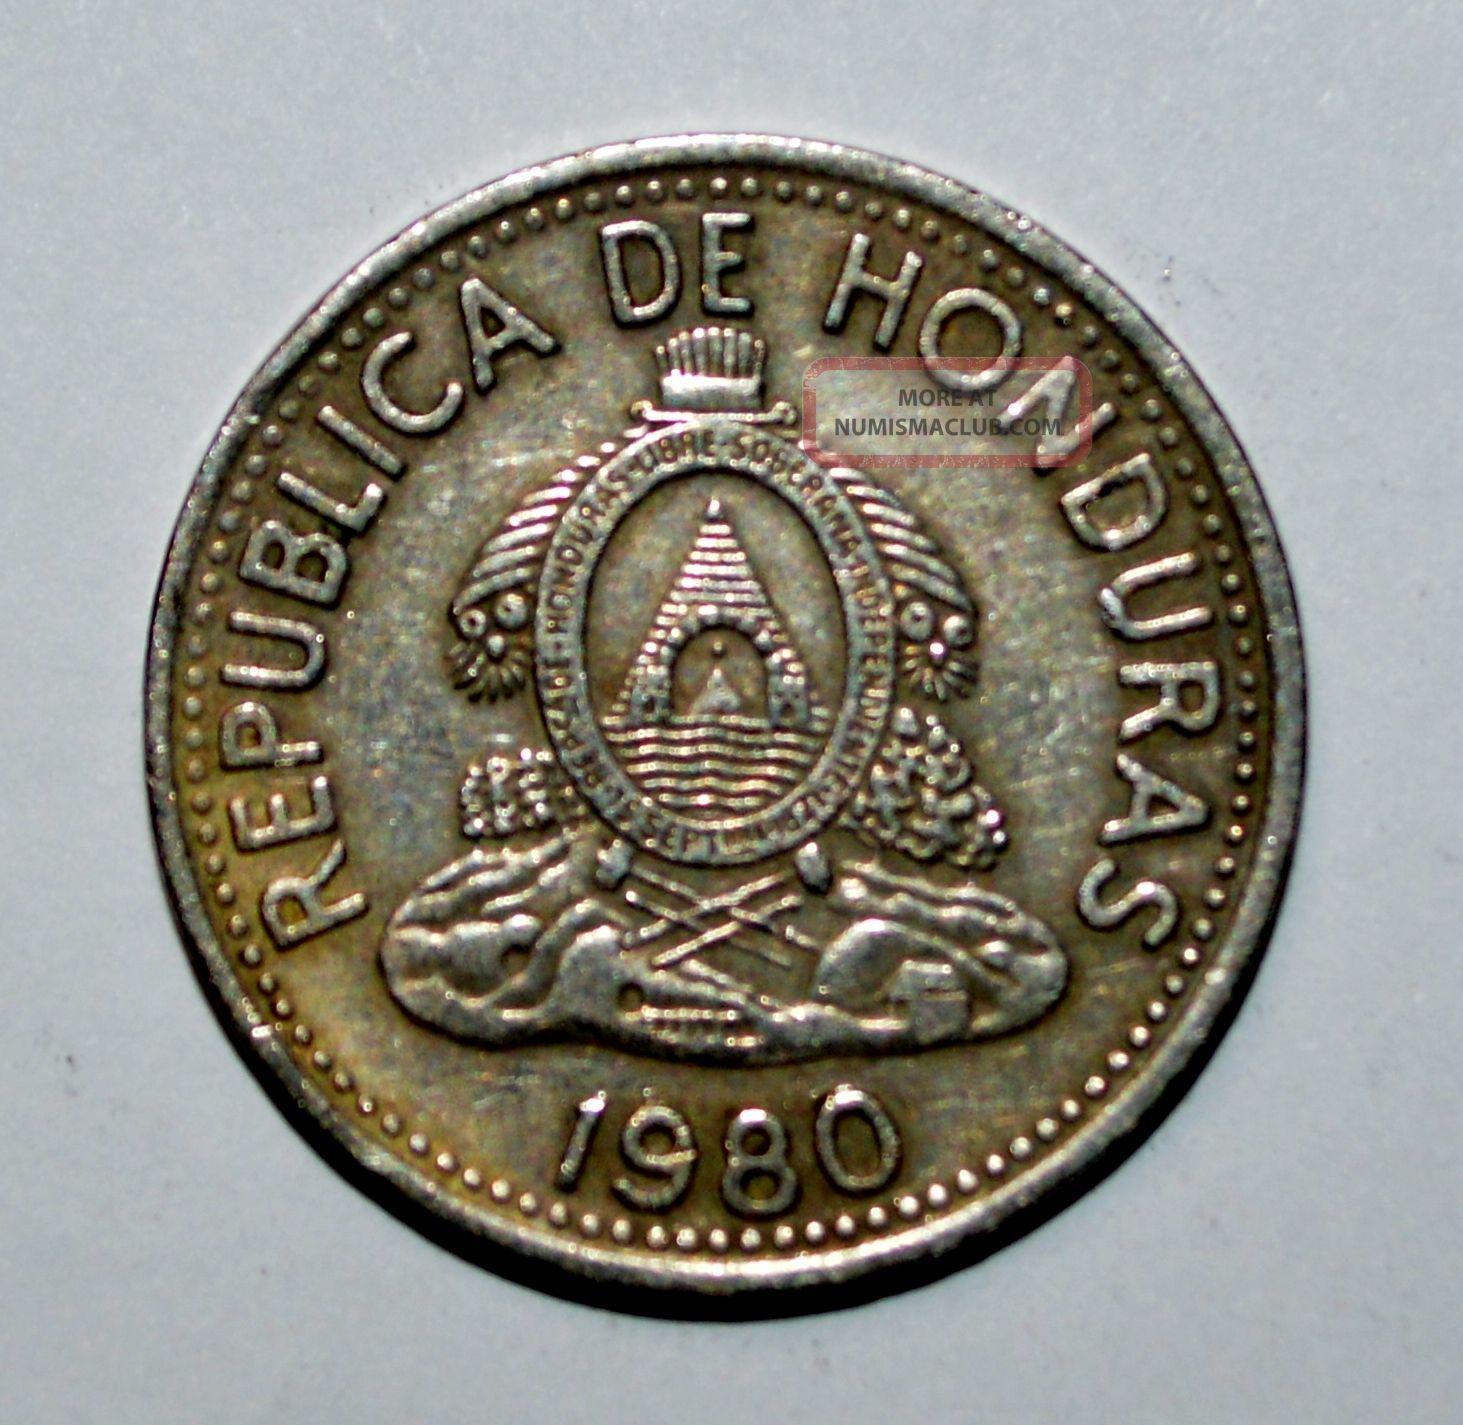 Diez Centavos 1980 Honduras 10 Centavos Diez